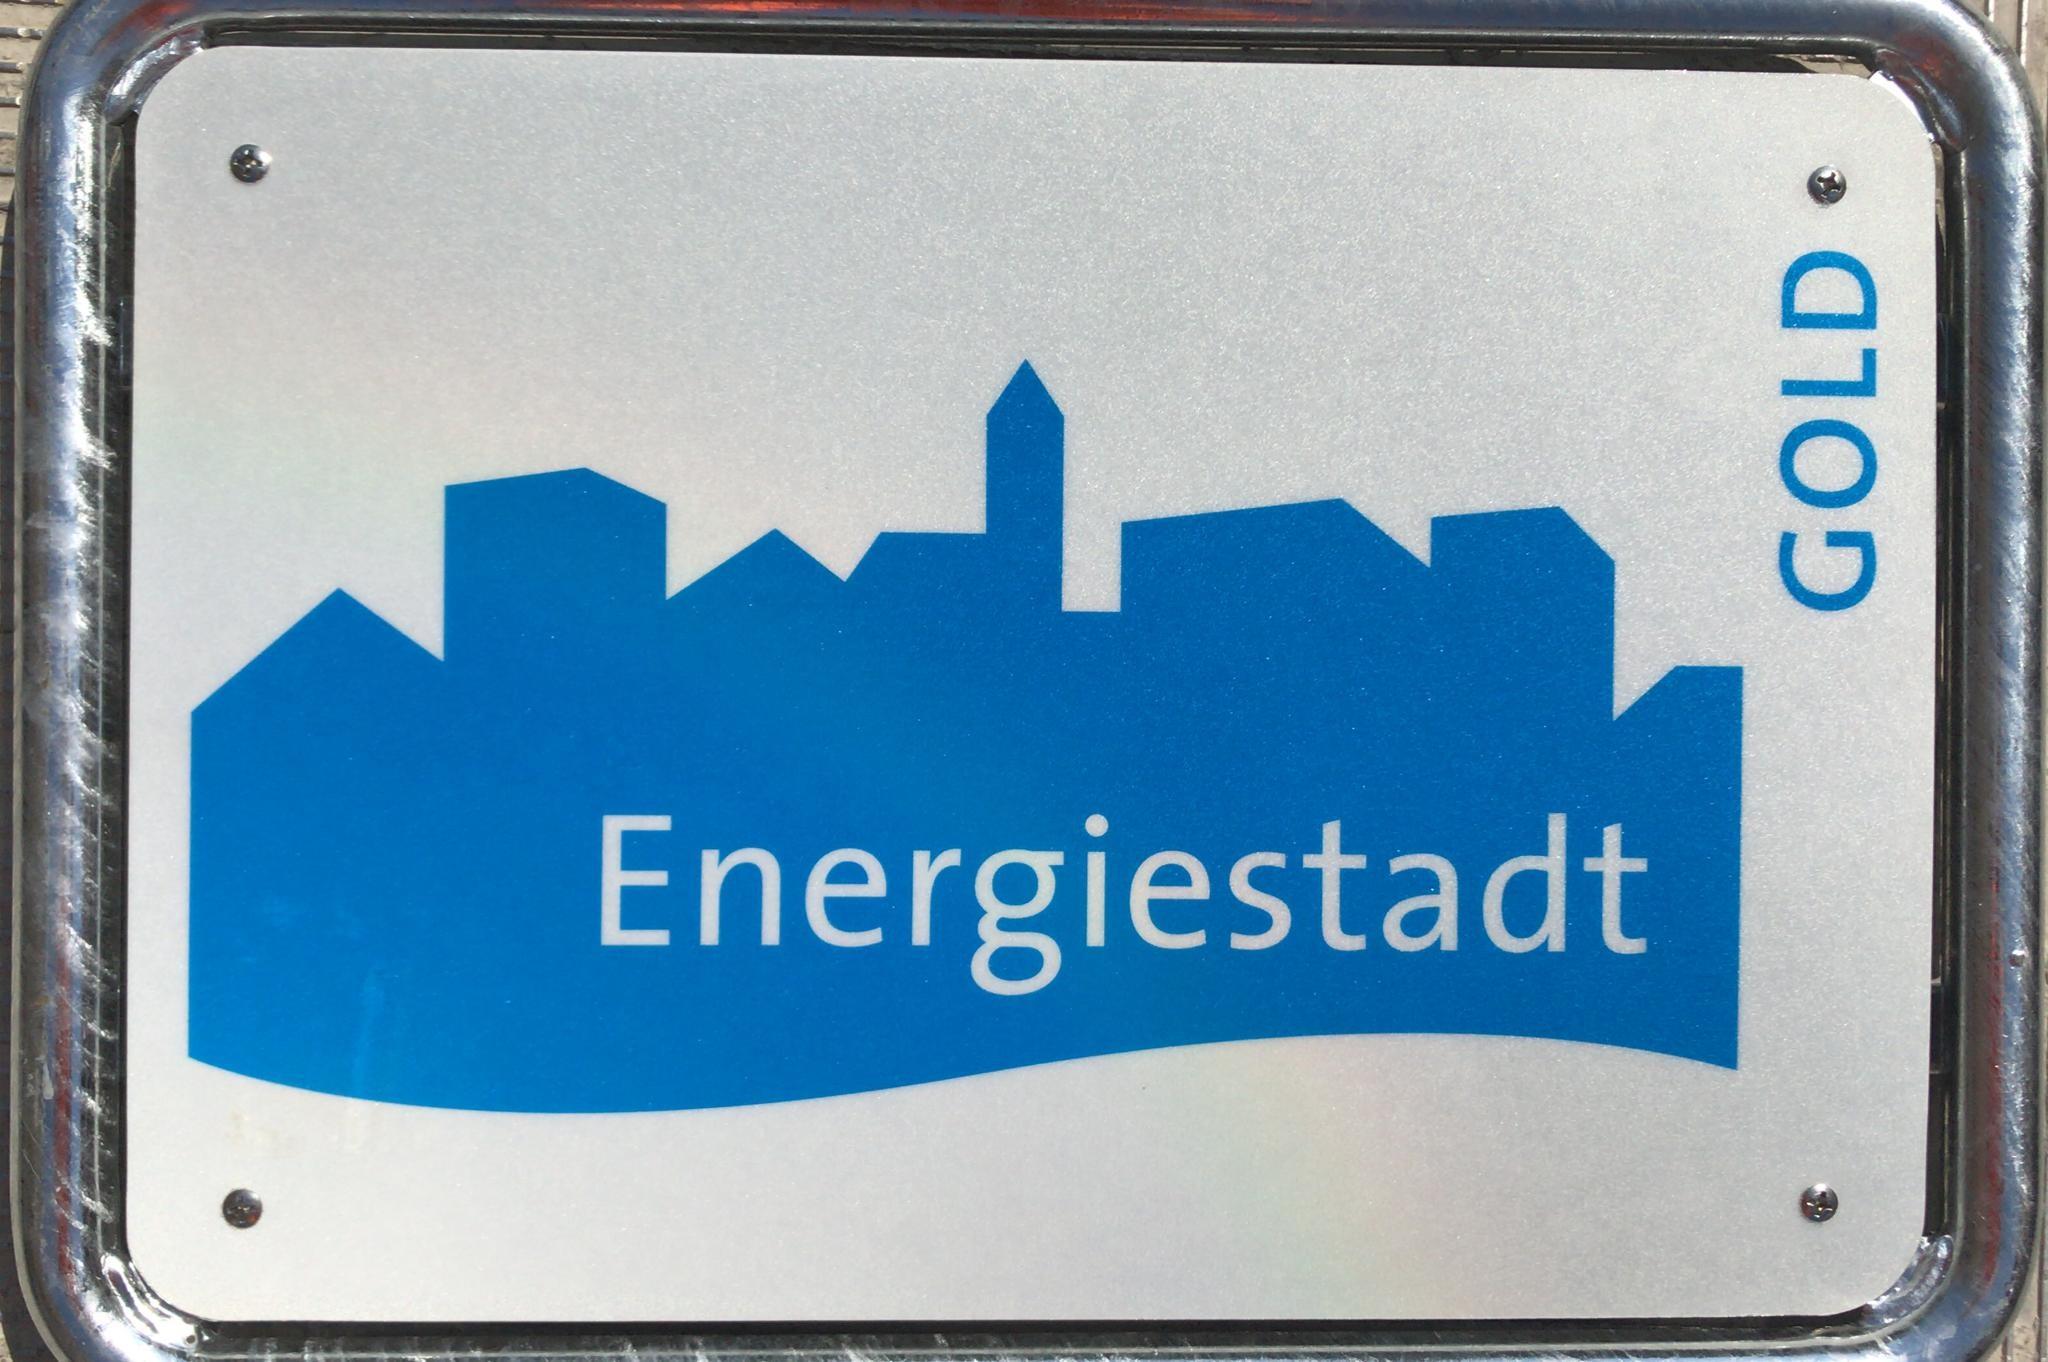 Energiestadt-Tafel